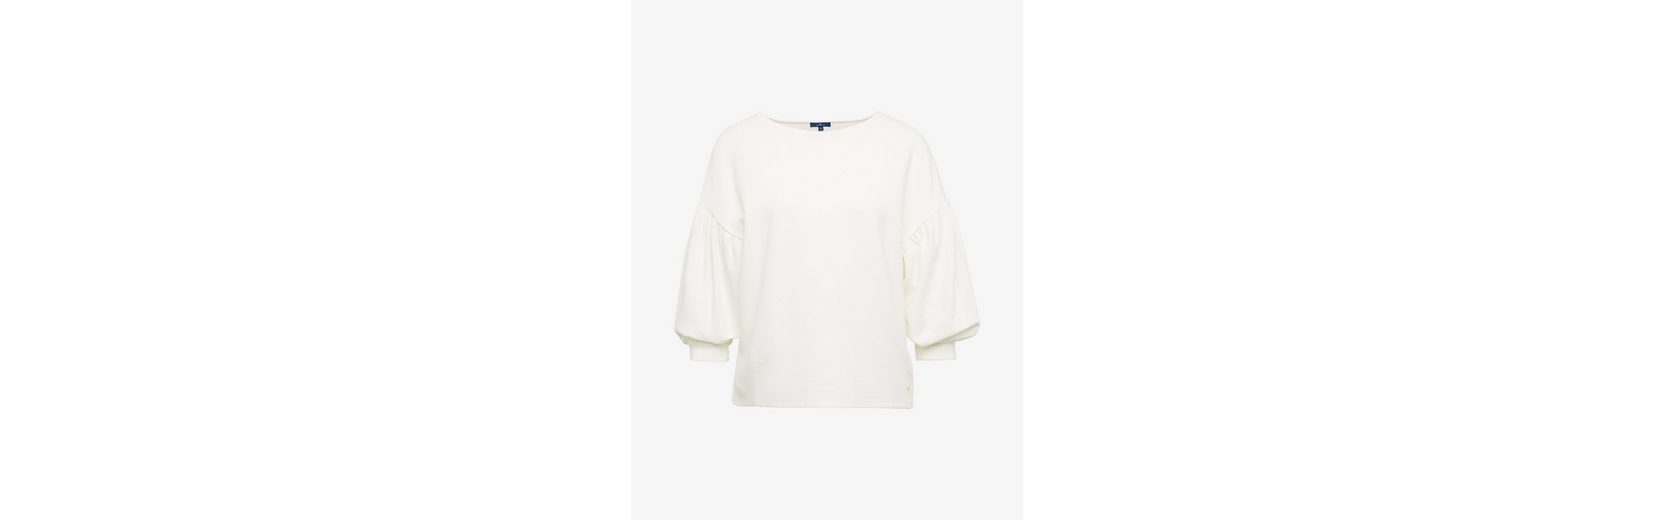 Tom Tailor Blusenshirt Shirt mit Ballonärmeln Günstig Kauft Besten Platz Limitierte Auflage Echt Billig Verkaufen Kaufen iRWmBbqbiu